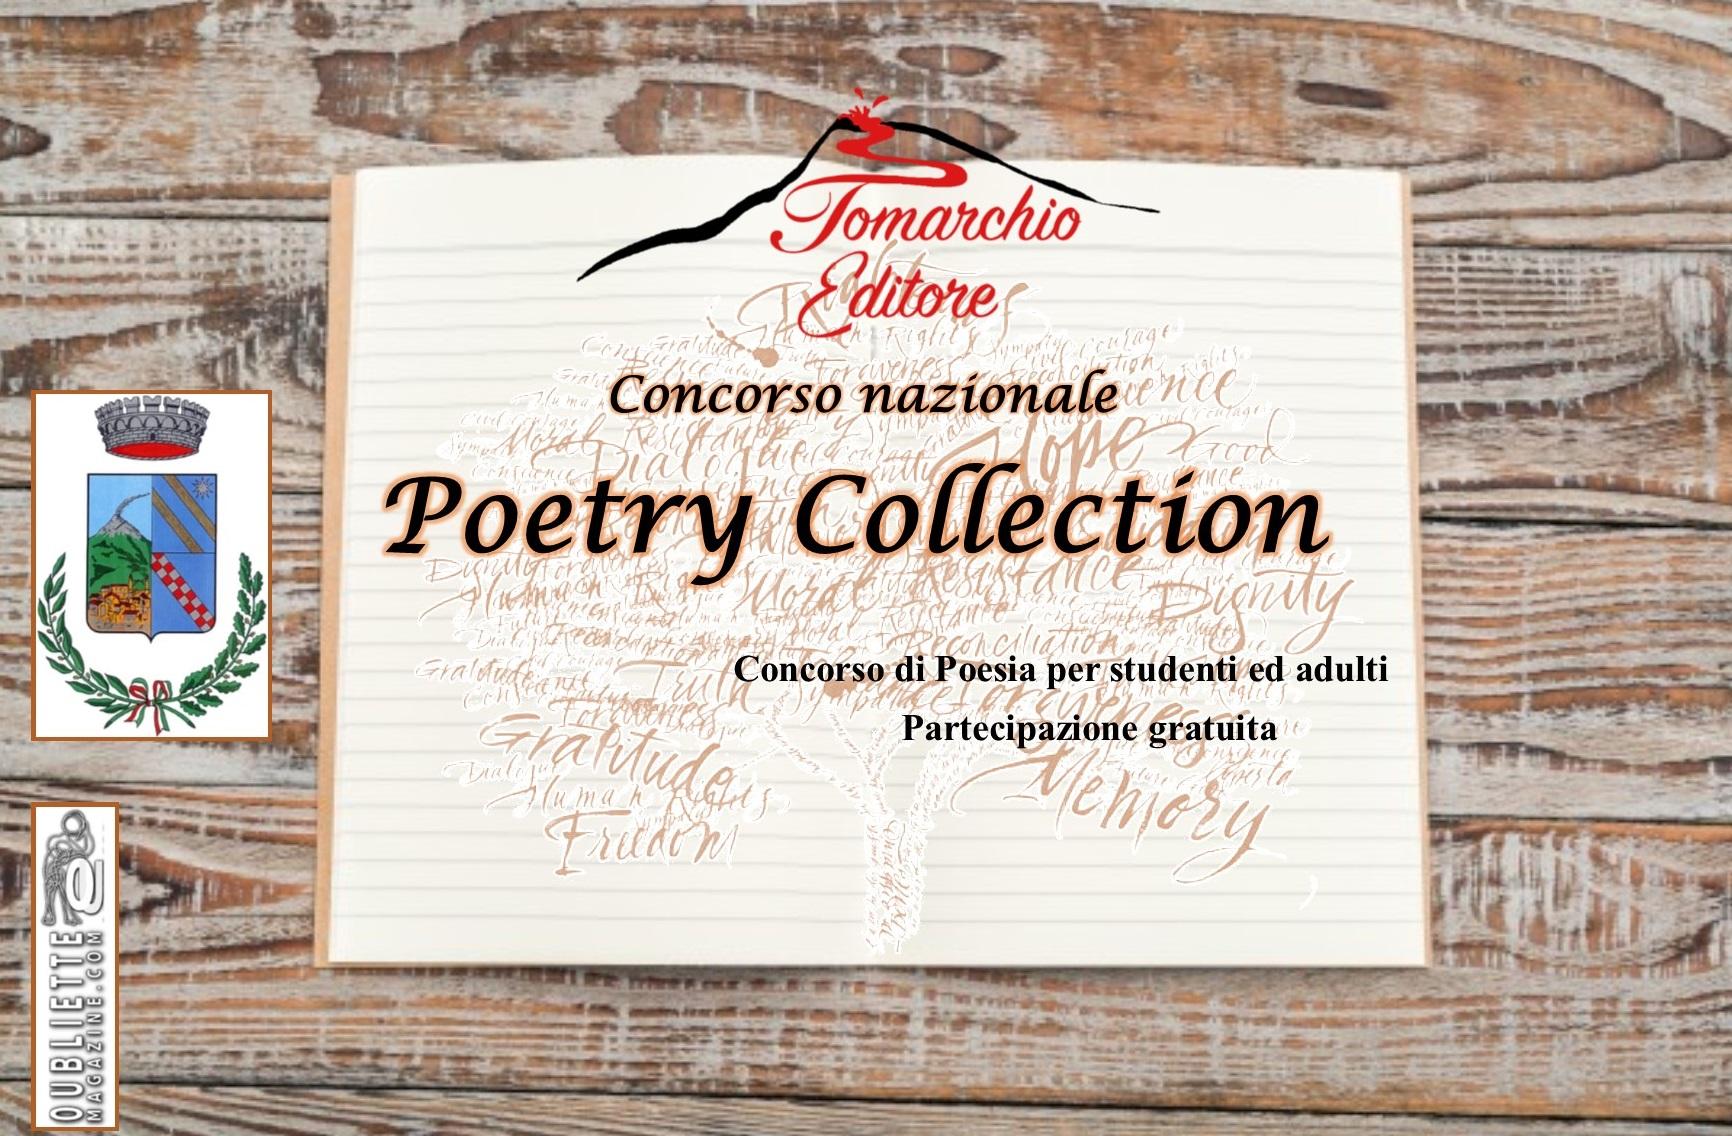 Poetry Collection: bando di partecipazione del concorso nazionale di poesia – adulti e studenti